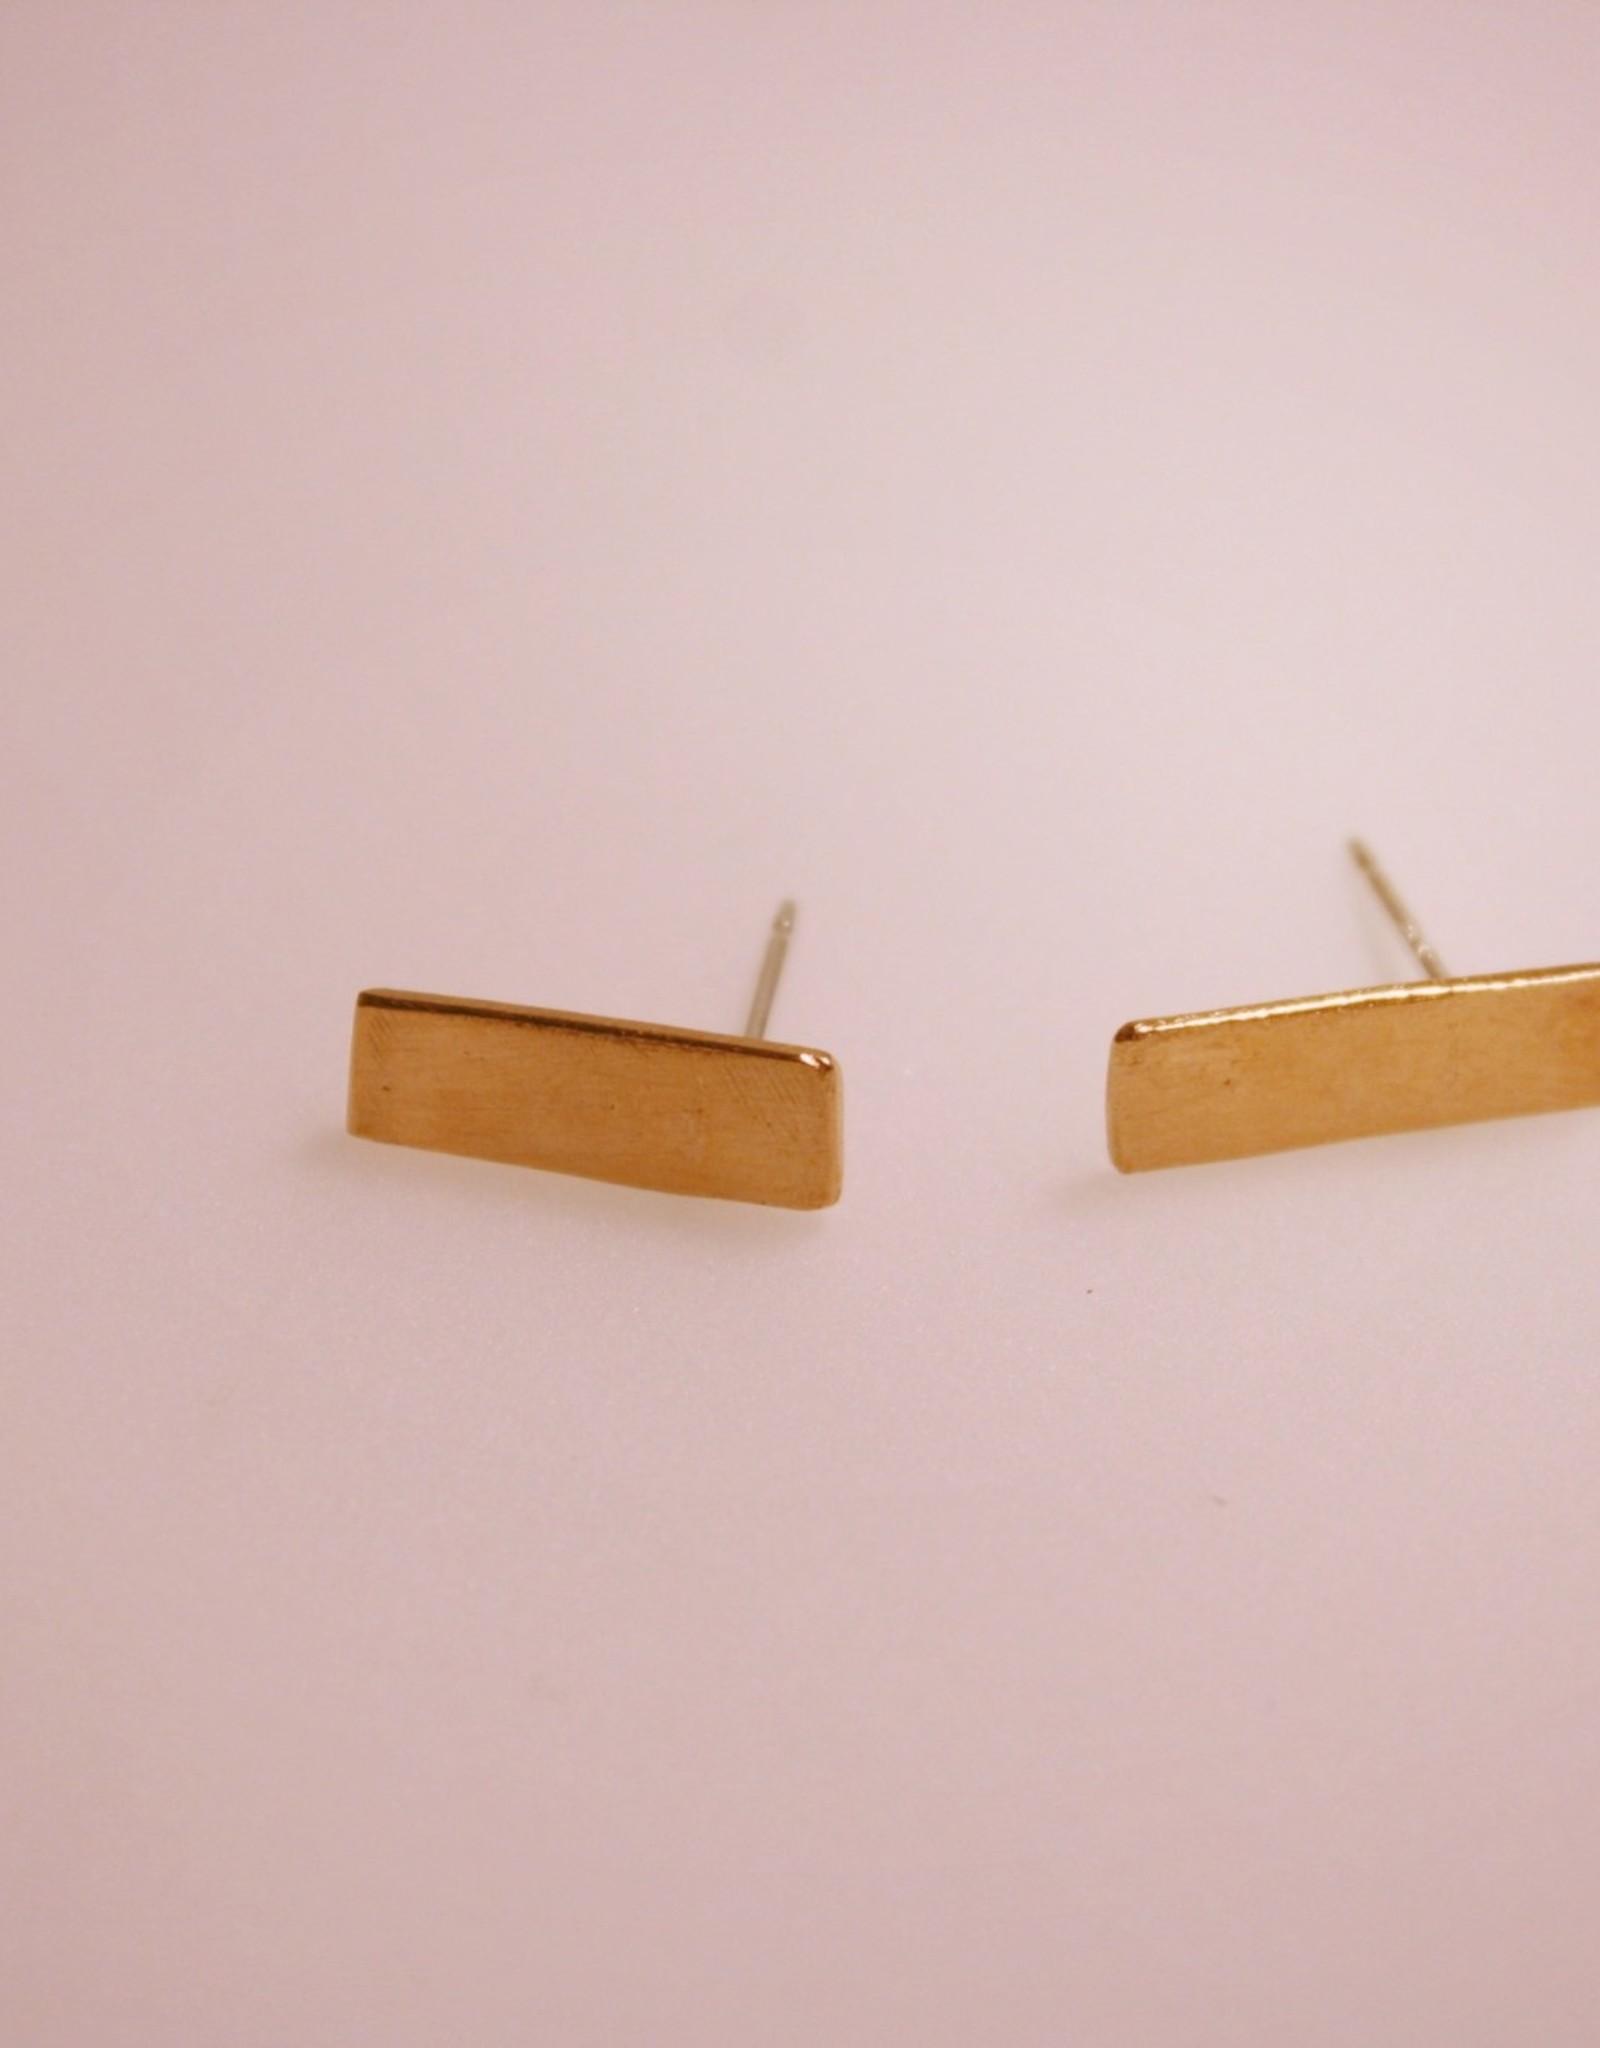 Rectangle Stud Earrings in Brass, Copper or Silver